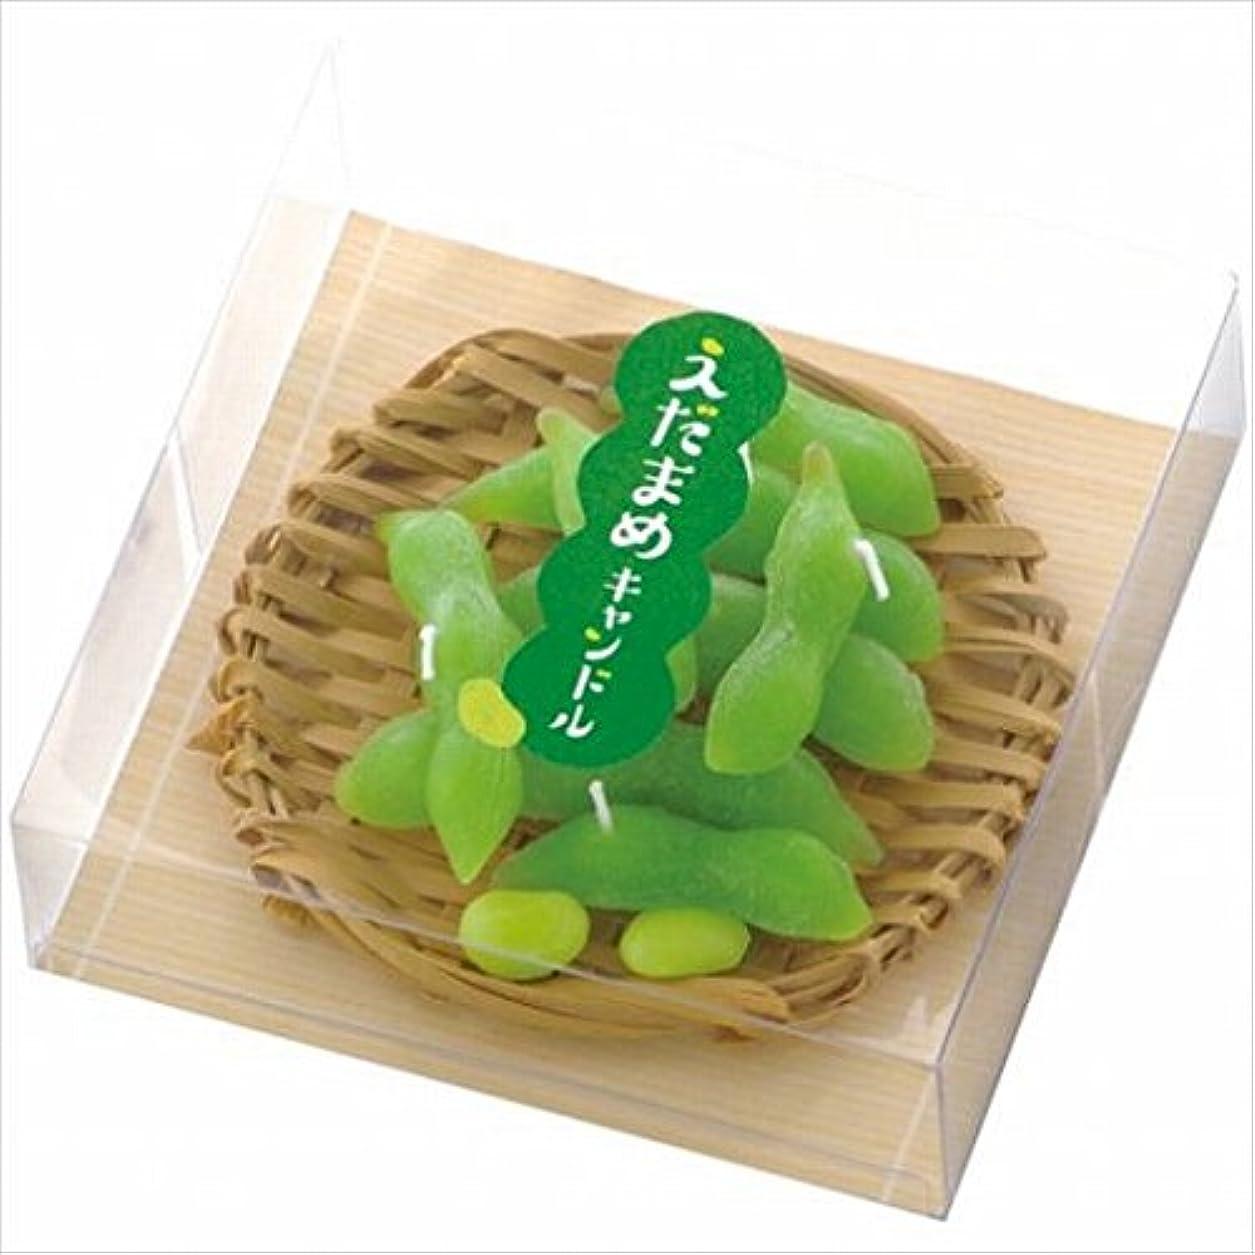 ハンディキャップ退化するカメヤマキャンドル(kameyama candle) えだまめキャンドル